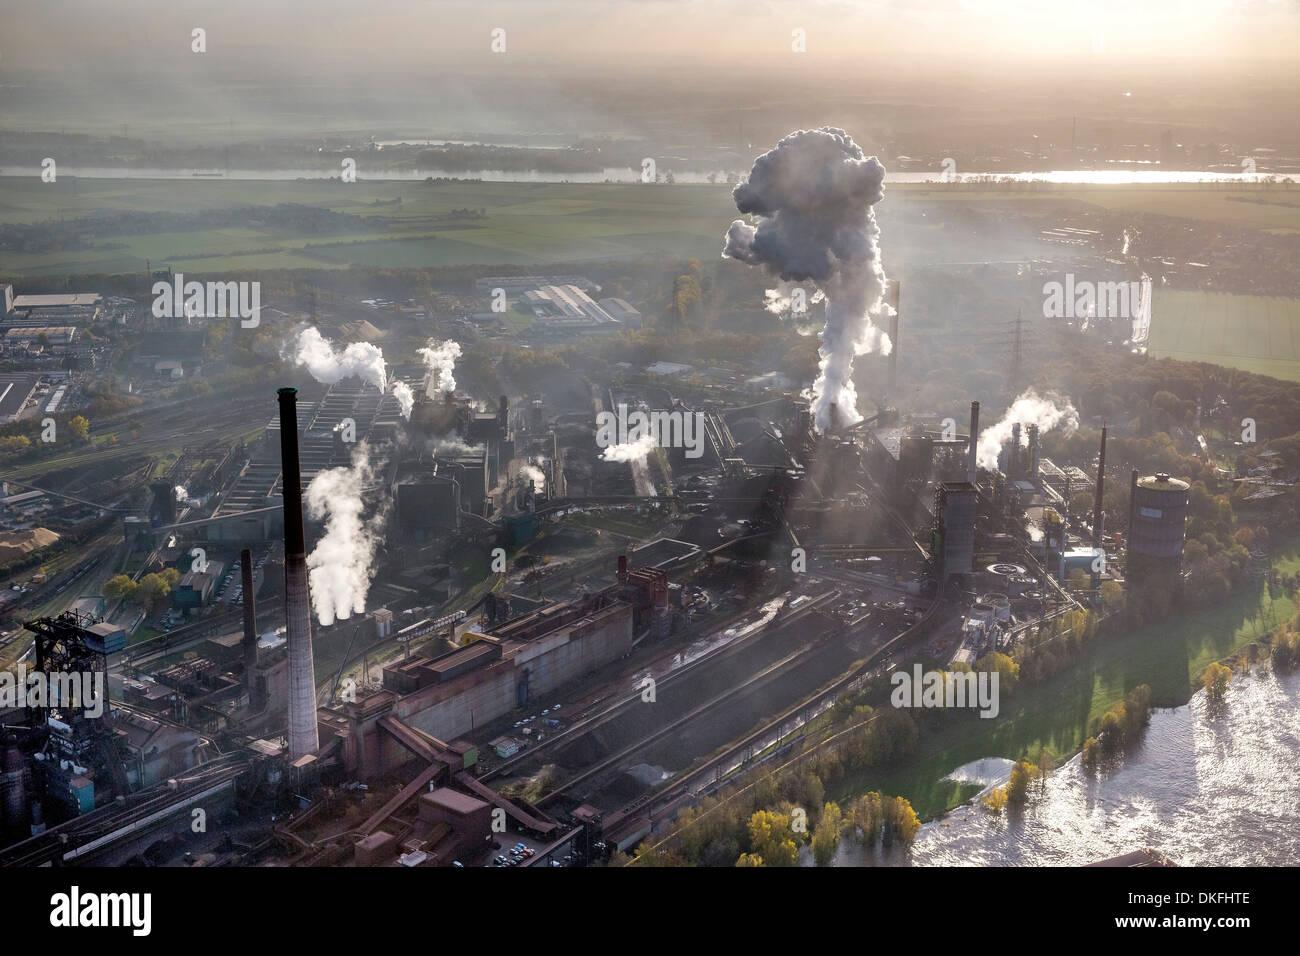 HKM, Mannesmann Blasstahlwerk 1, basic oxygen steelmaking plant, aerial view, Rheinhausen, Duisburg, Ruhr area - Stock Image